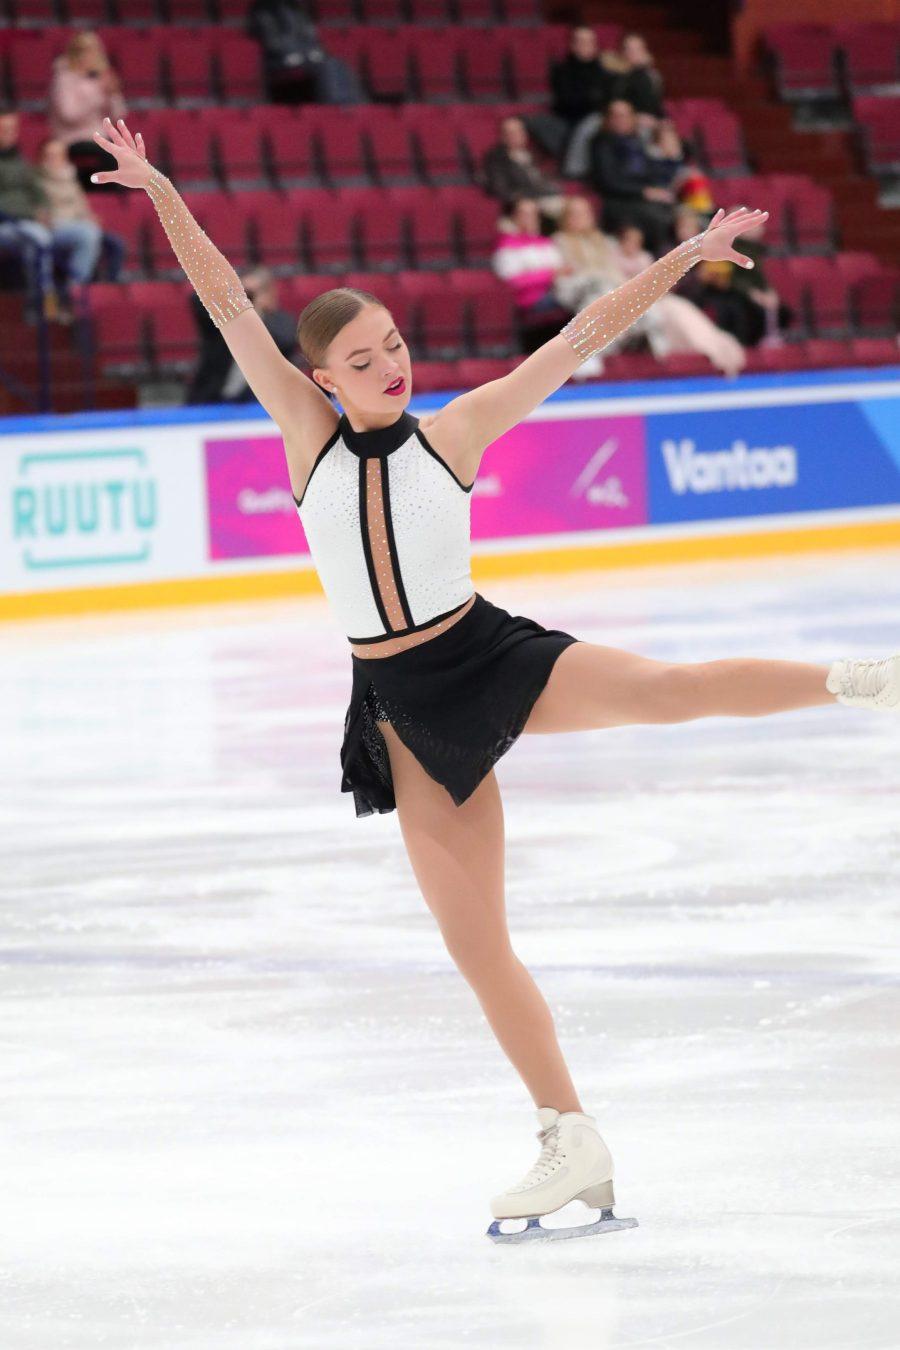 Jade Rautiaisen tiukan graafinen, suorilla linjoilla ja niukalla väriskaalalla leikittelevä lyhytohjelmapuku on yksi tämän kauden kilpajäiden ilopilkuista.